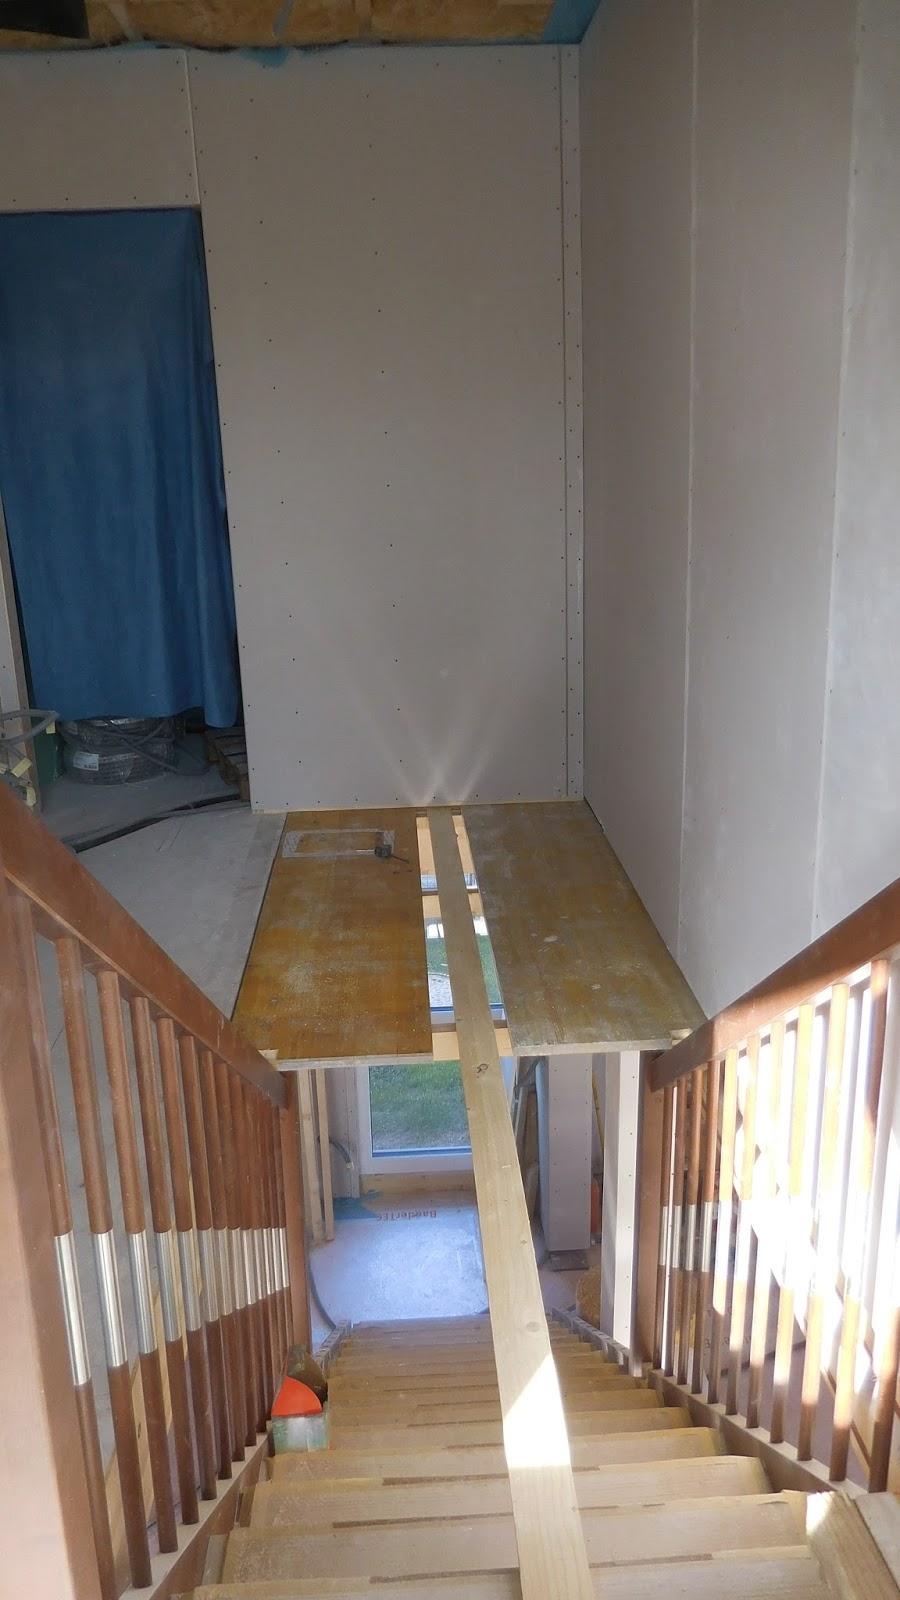 Schroli S Baublog Das Stiegenhaus Dachbodentreppe